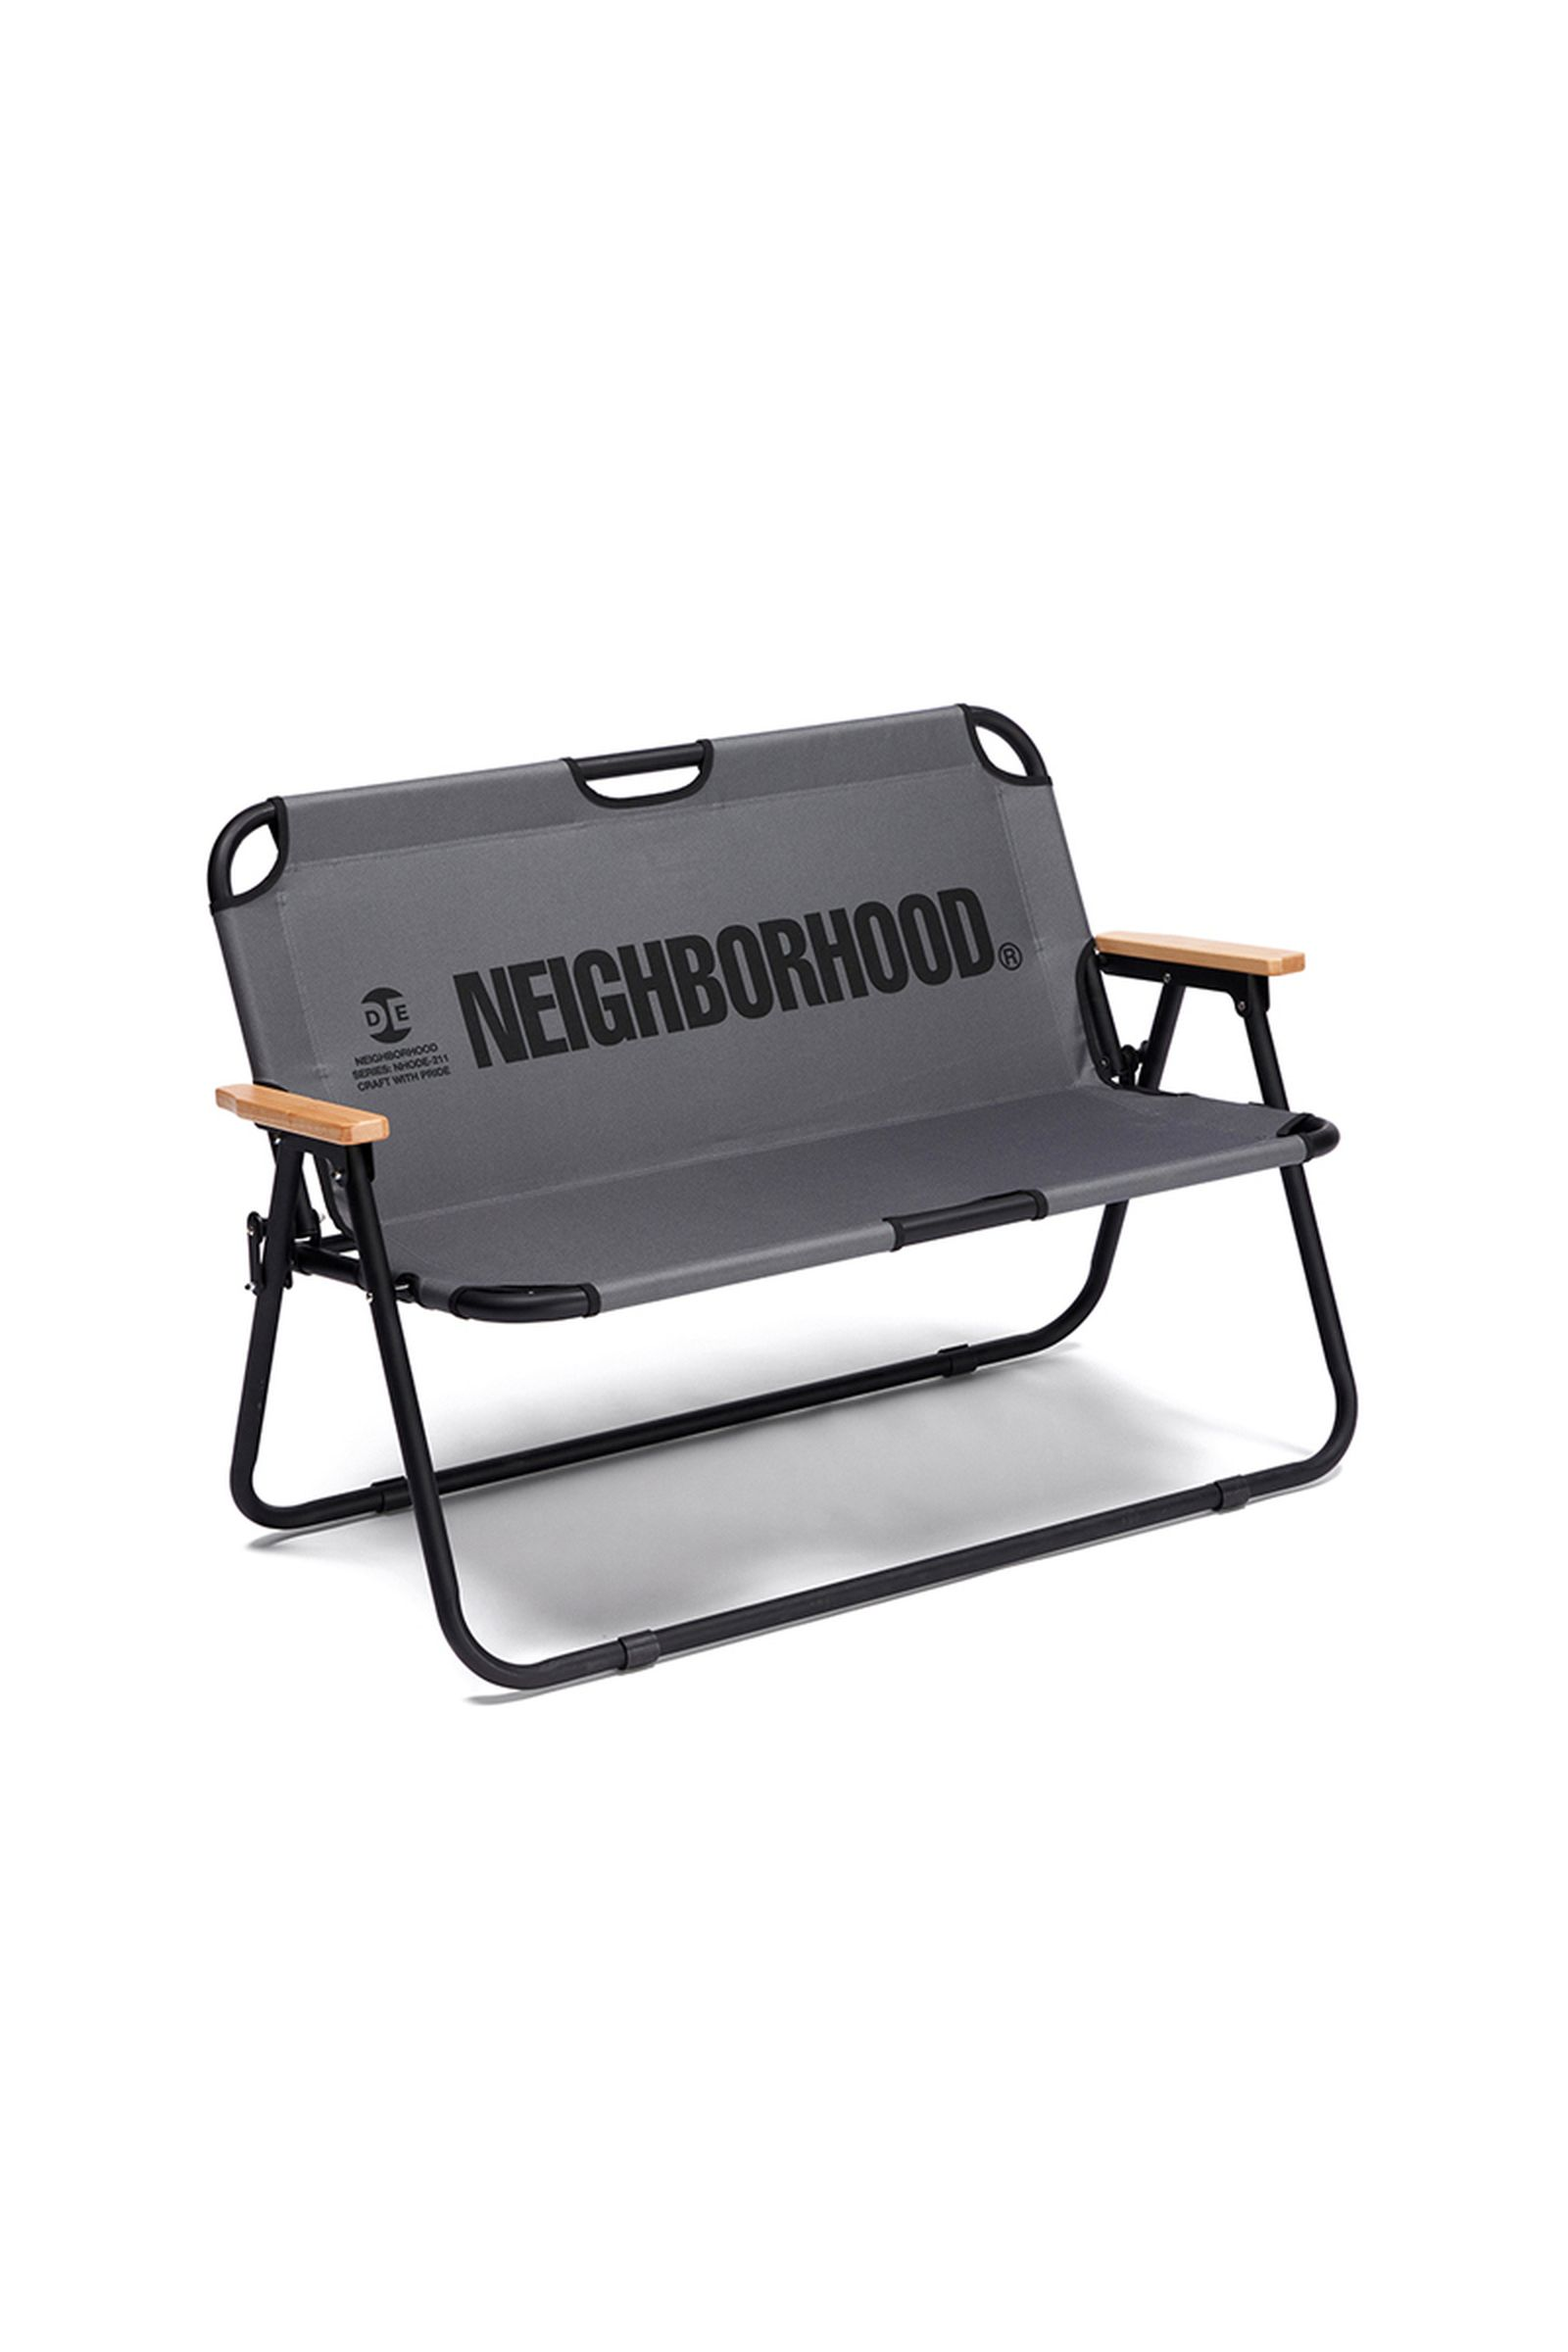 neighborhood-abu-garcia-fishing-camping-gear- (21)